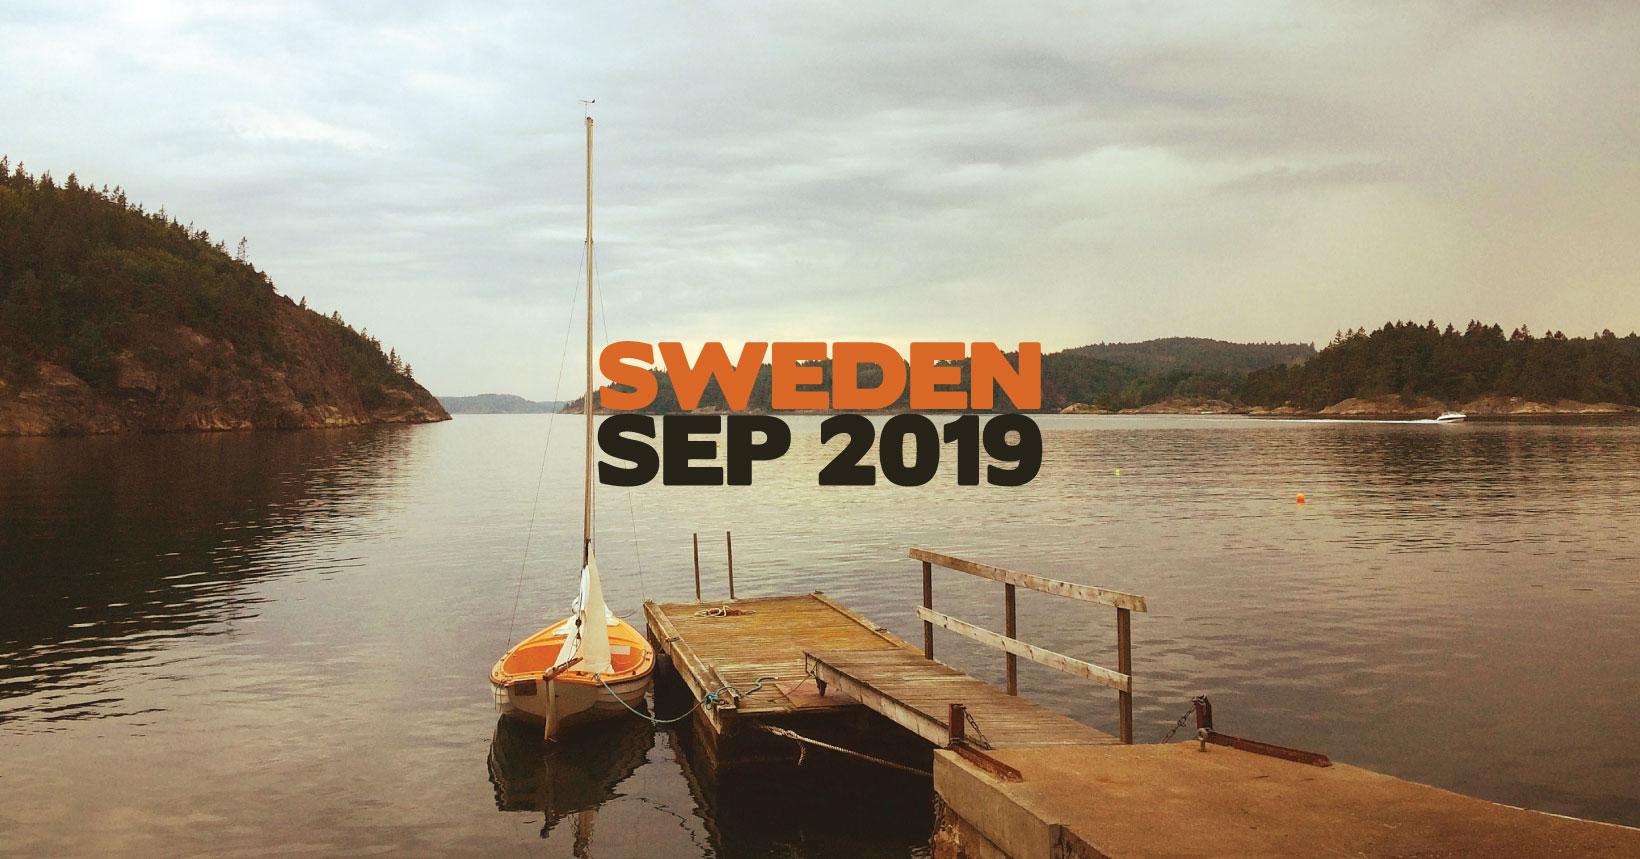 scuba diving in sweden